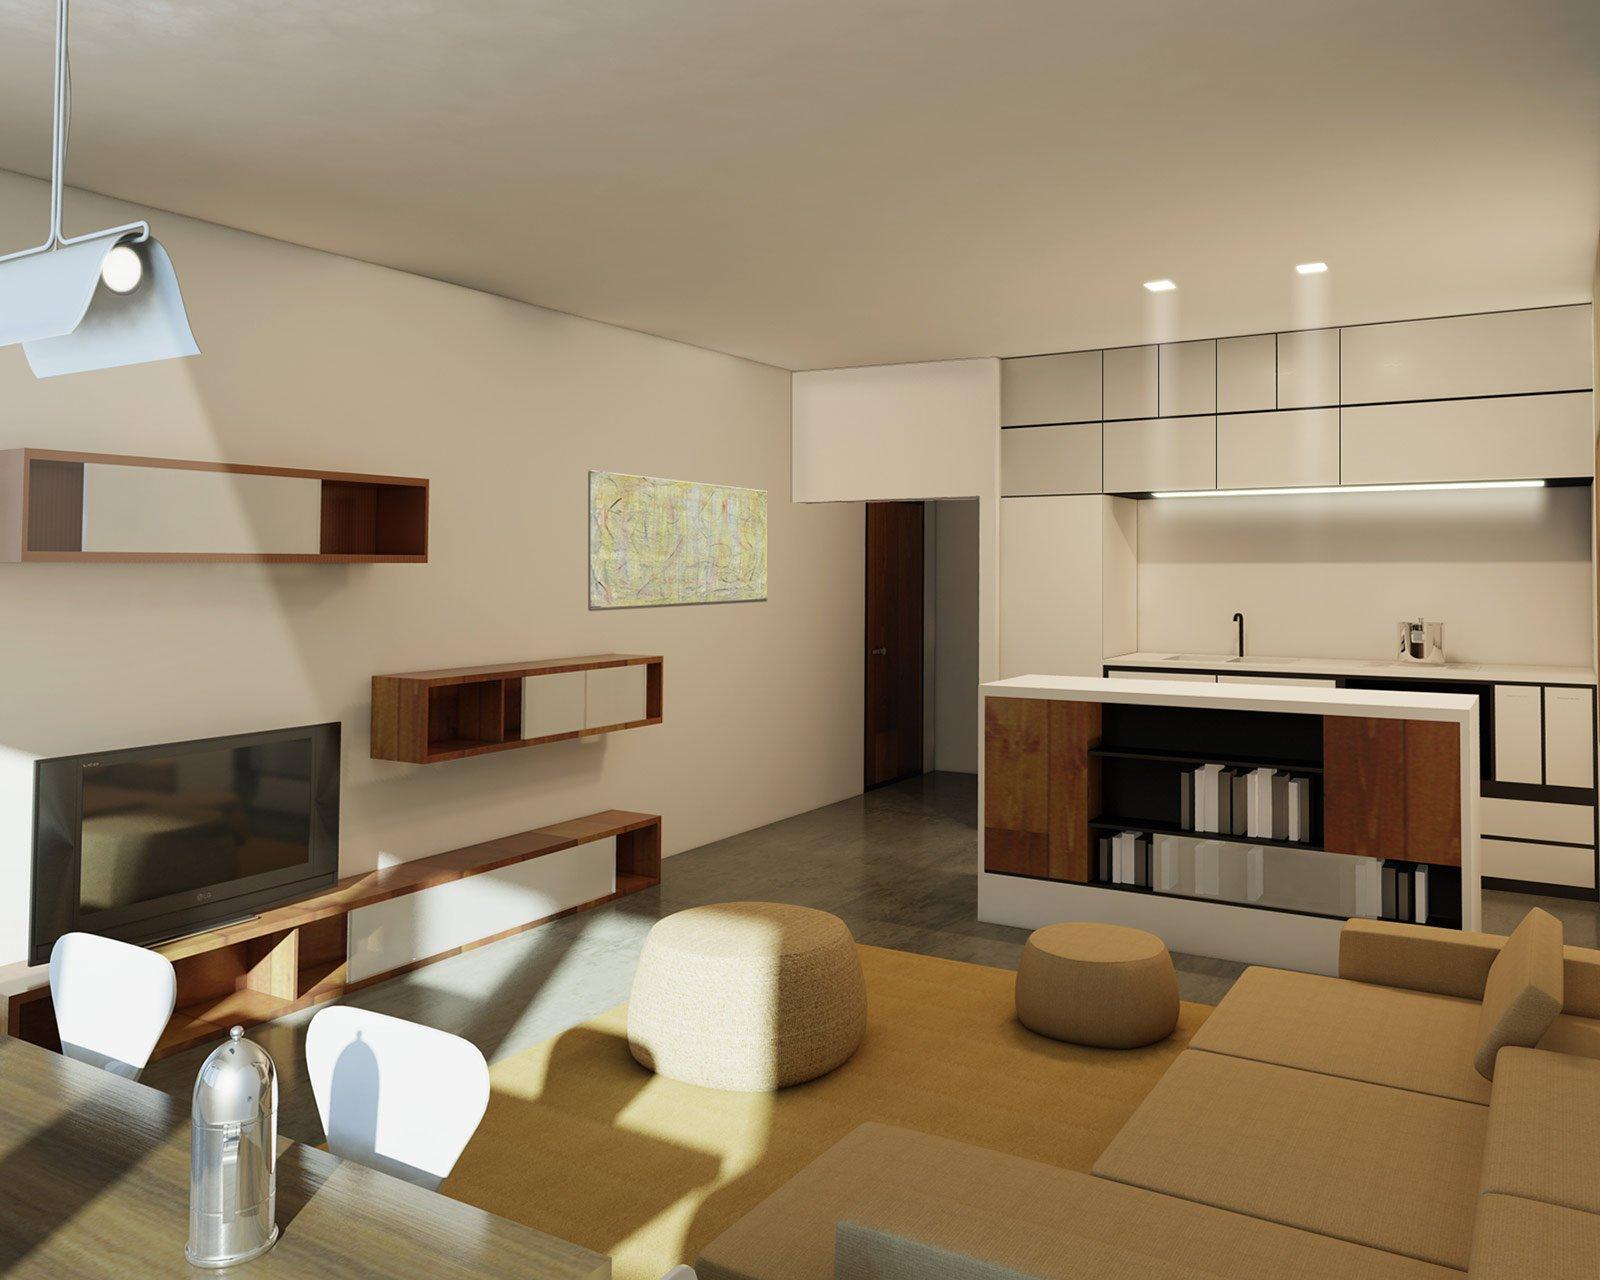 Arredare la zona giorno: un progetto con pianta e prospettiva in 3D - Cose di Casa